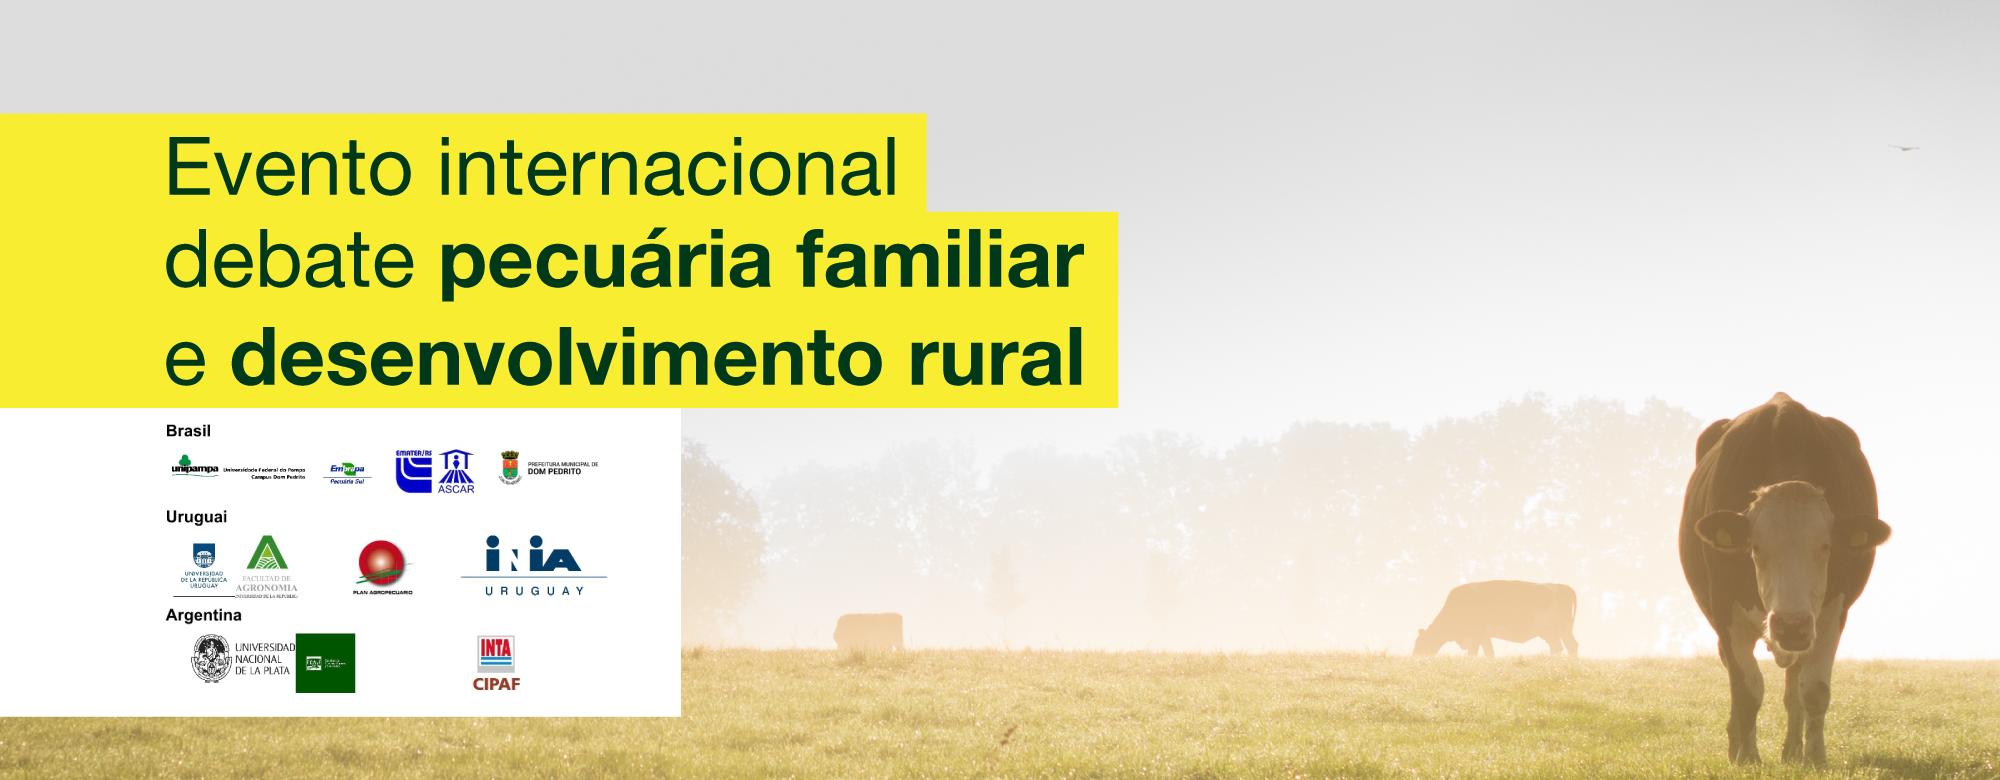 """Foto de gado no posto com o texto """"Evento internacional debate pecuária familiar e desenvolvimento rural"""" no topo"""